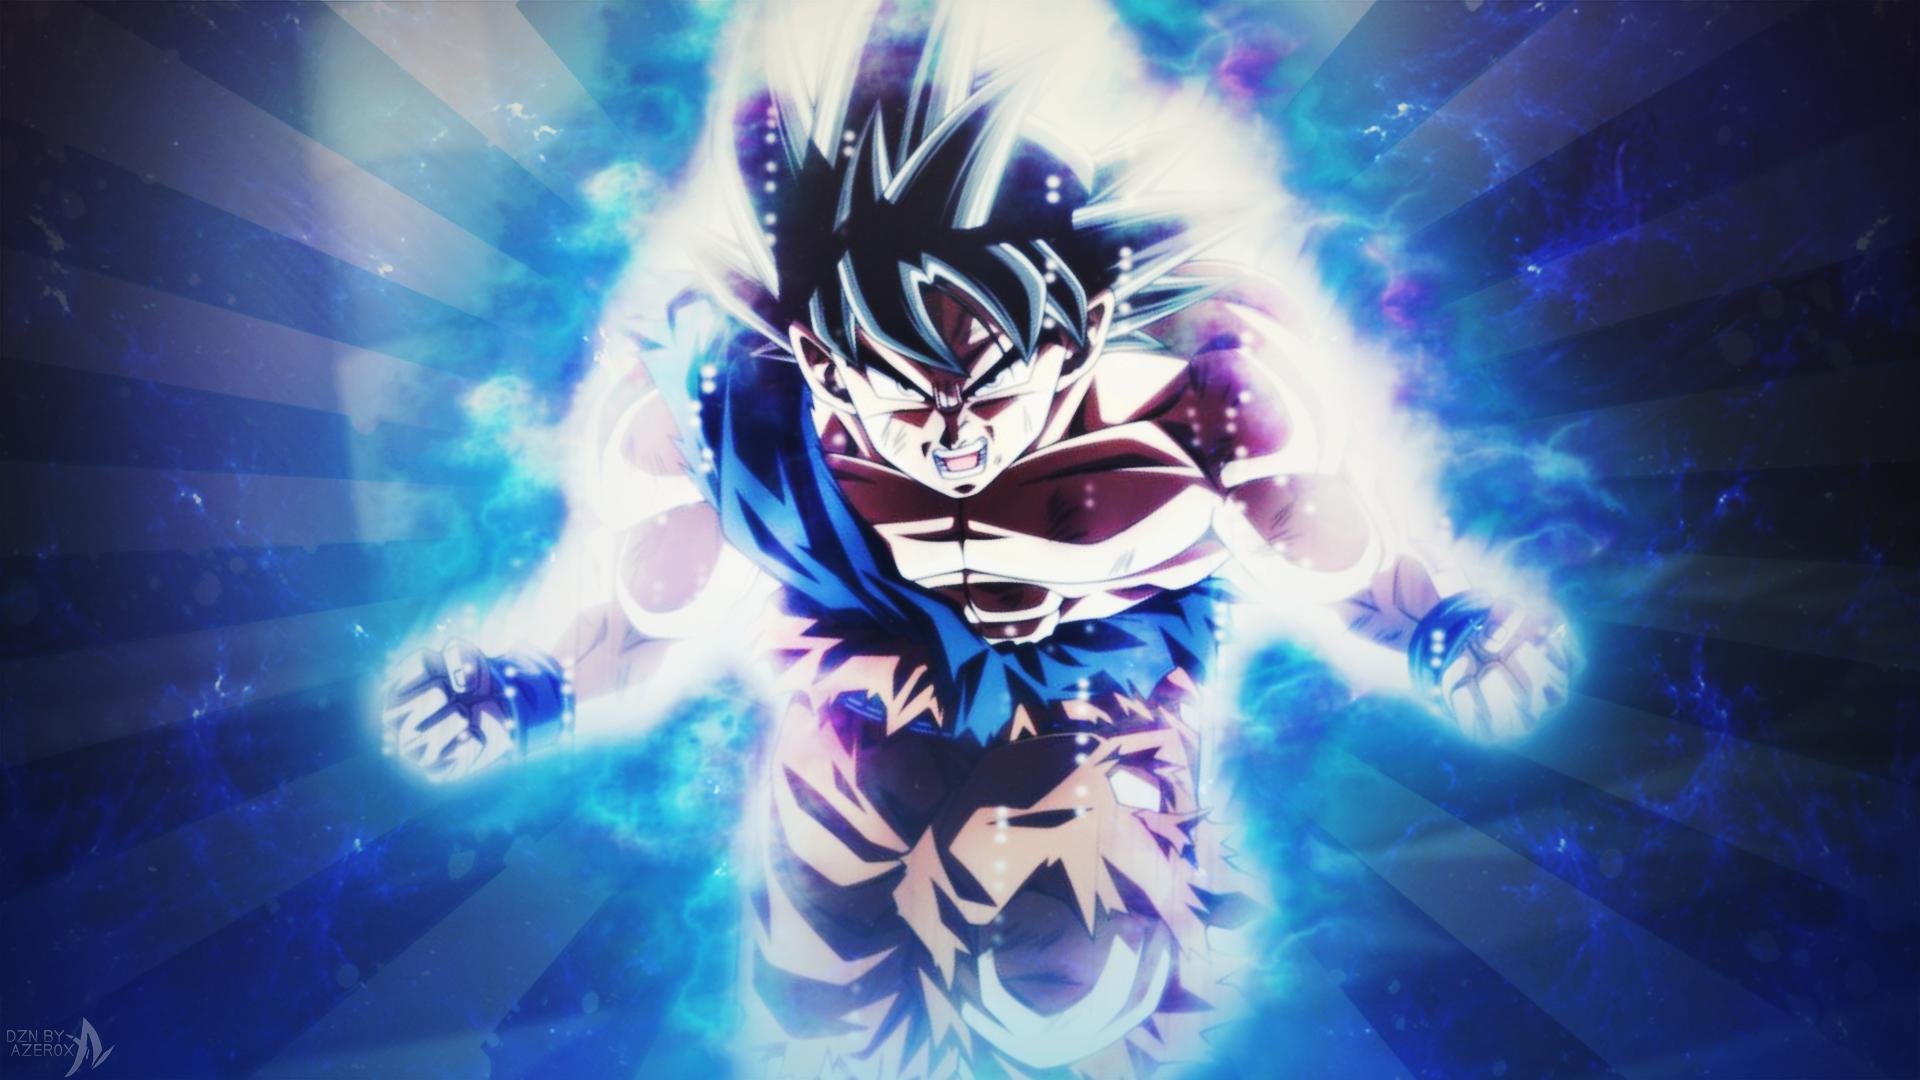 Goku Ultra Instinct 4k Wallpapers: As 50 Melhores Imagens Do Goku Para Usar Como Papel De Parede